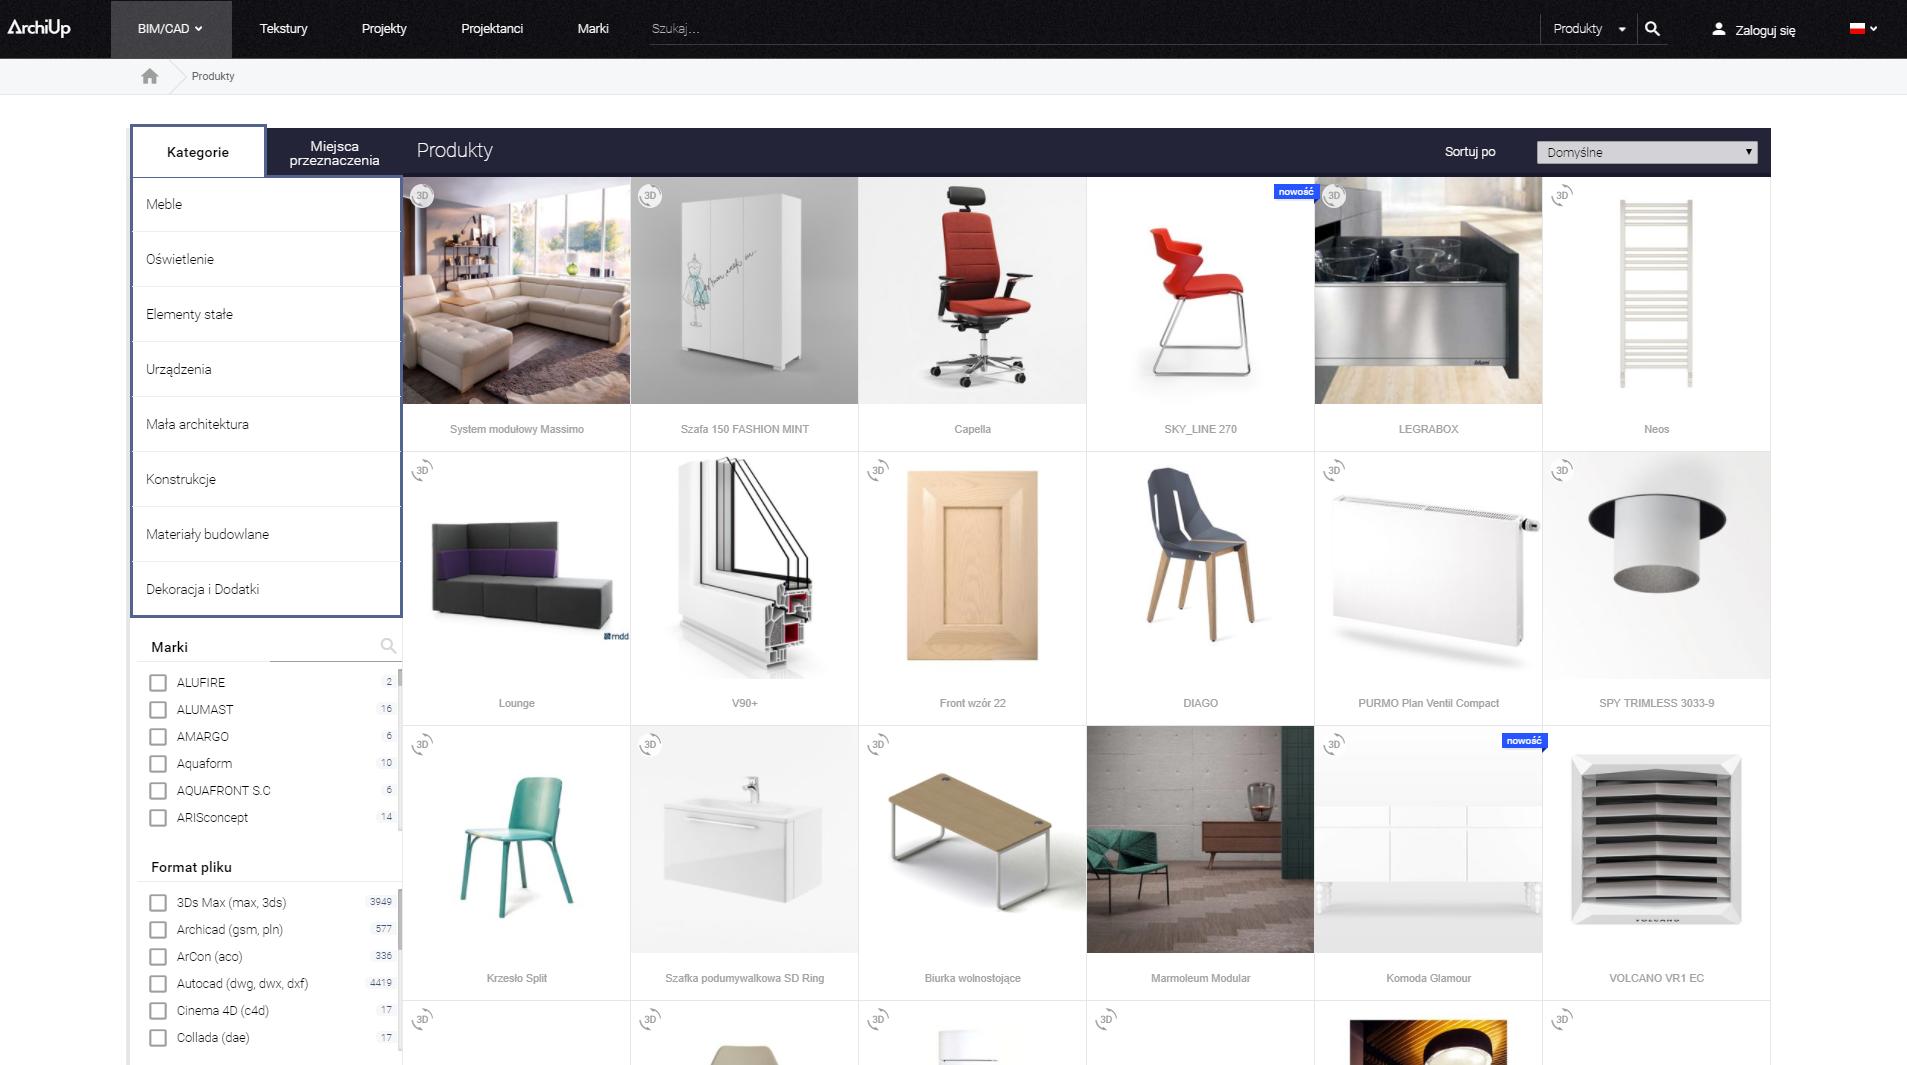 W ArchiUp znajdziesz kilkadziesiąt tysięcy obiektów BIM/CAD